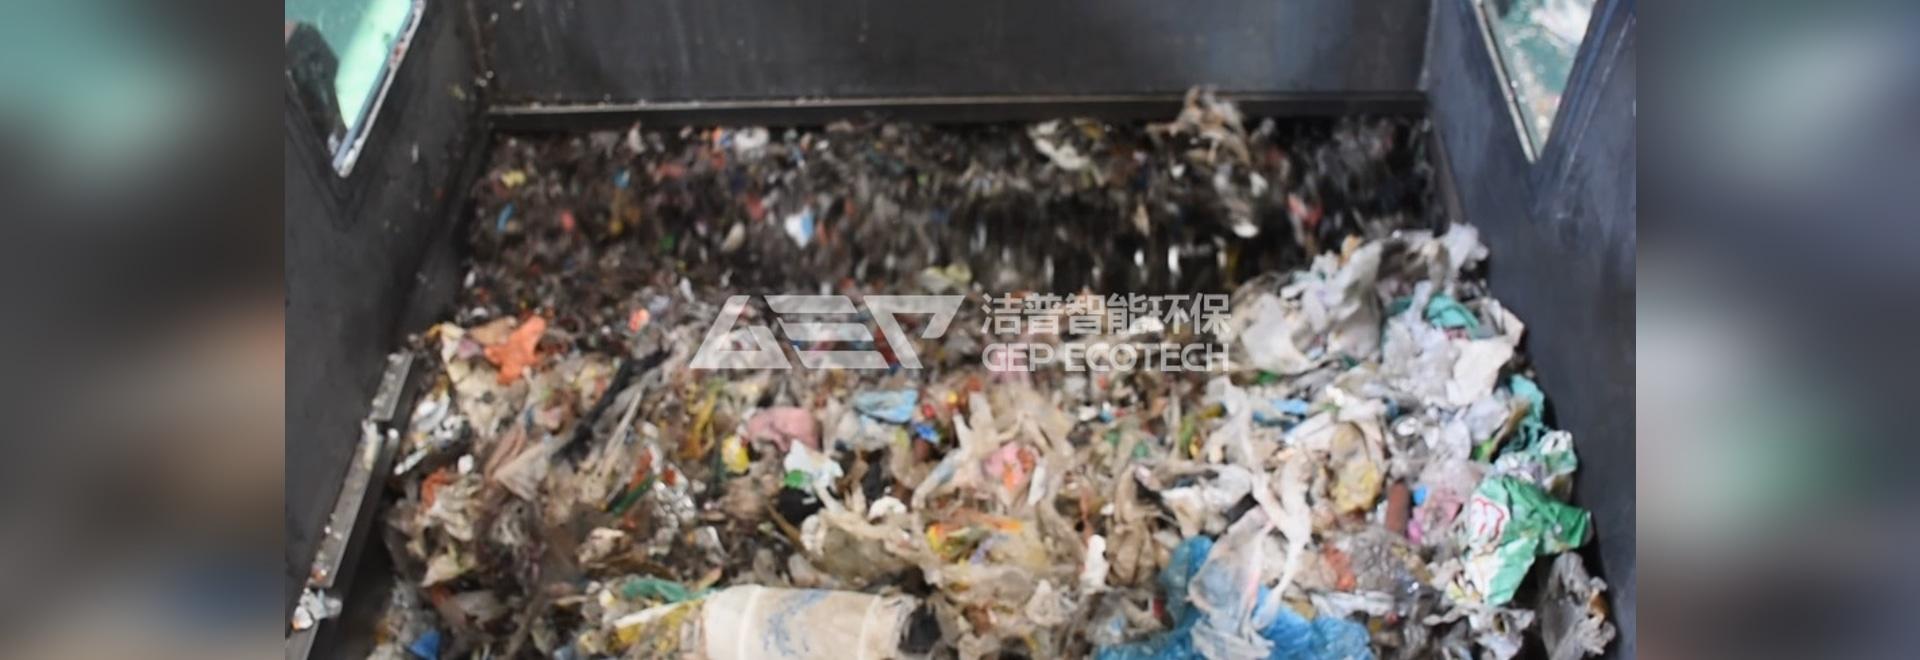 Le broyeur-broyeur pour les déchets solides brise le goulot d'étranglement de la classification des ordures ménagères